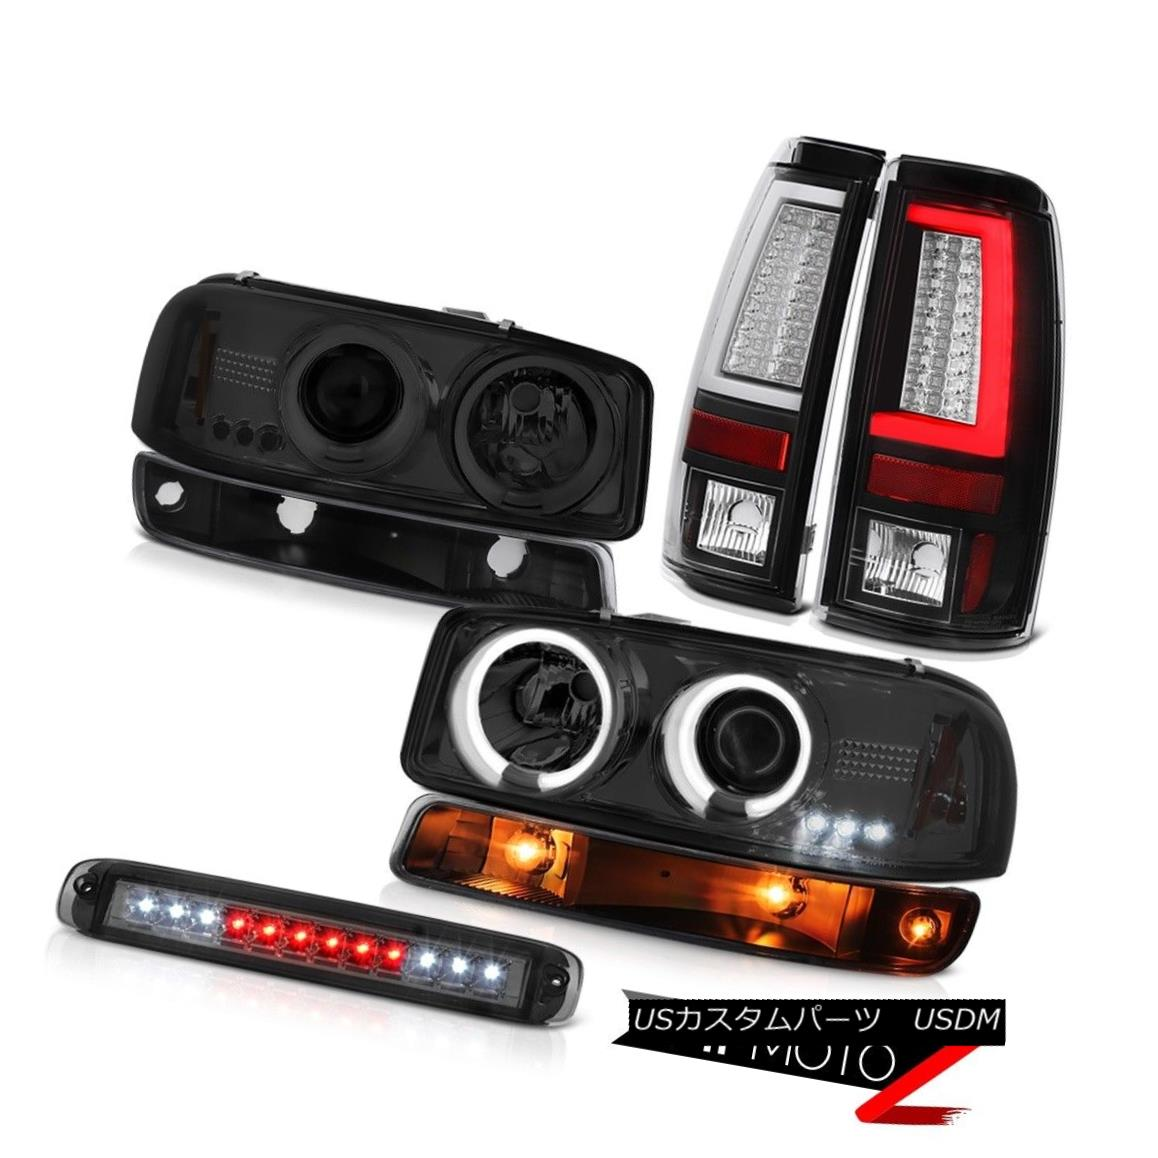 テールライト 99-06 Sierra SL Tail Brake Lights Third Light Signal CCFL Headlamps